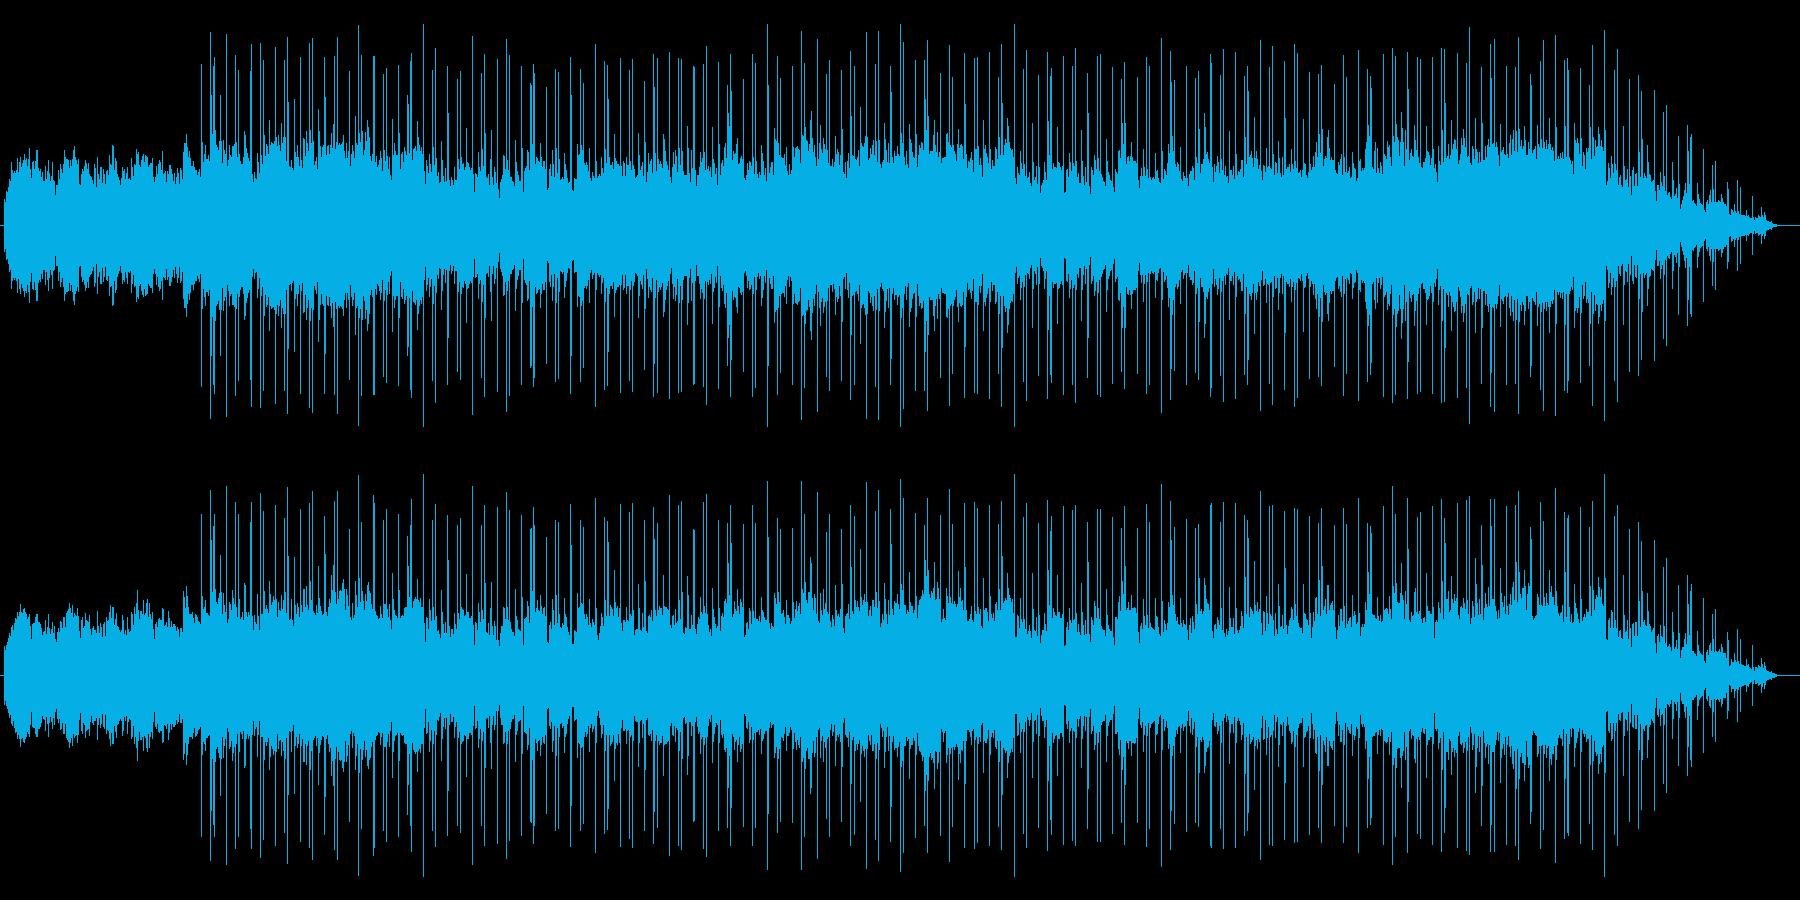 ほのぼのした日常BGM・優しい・温かいの再生済みの波形